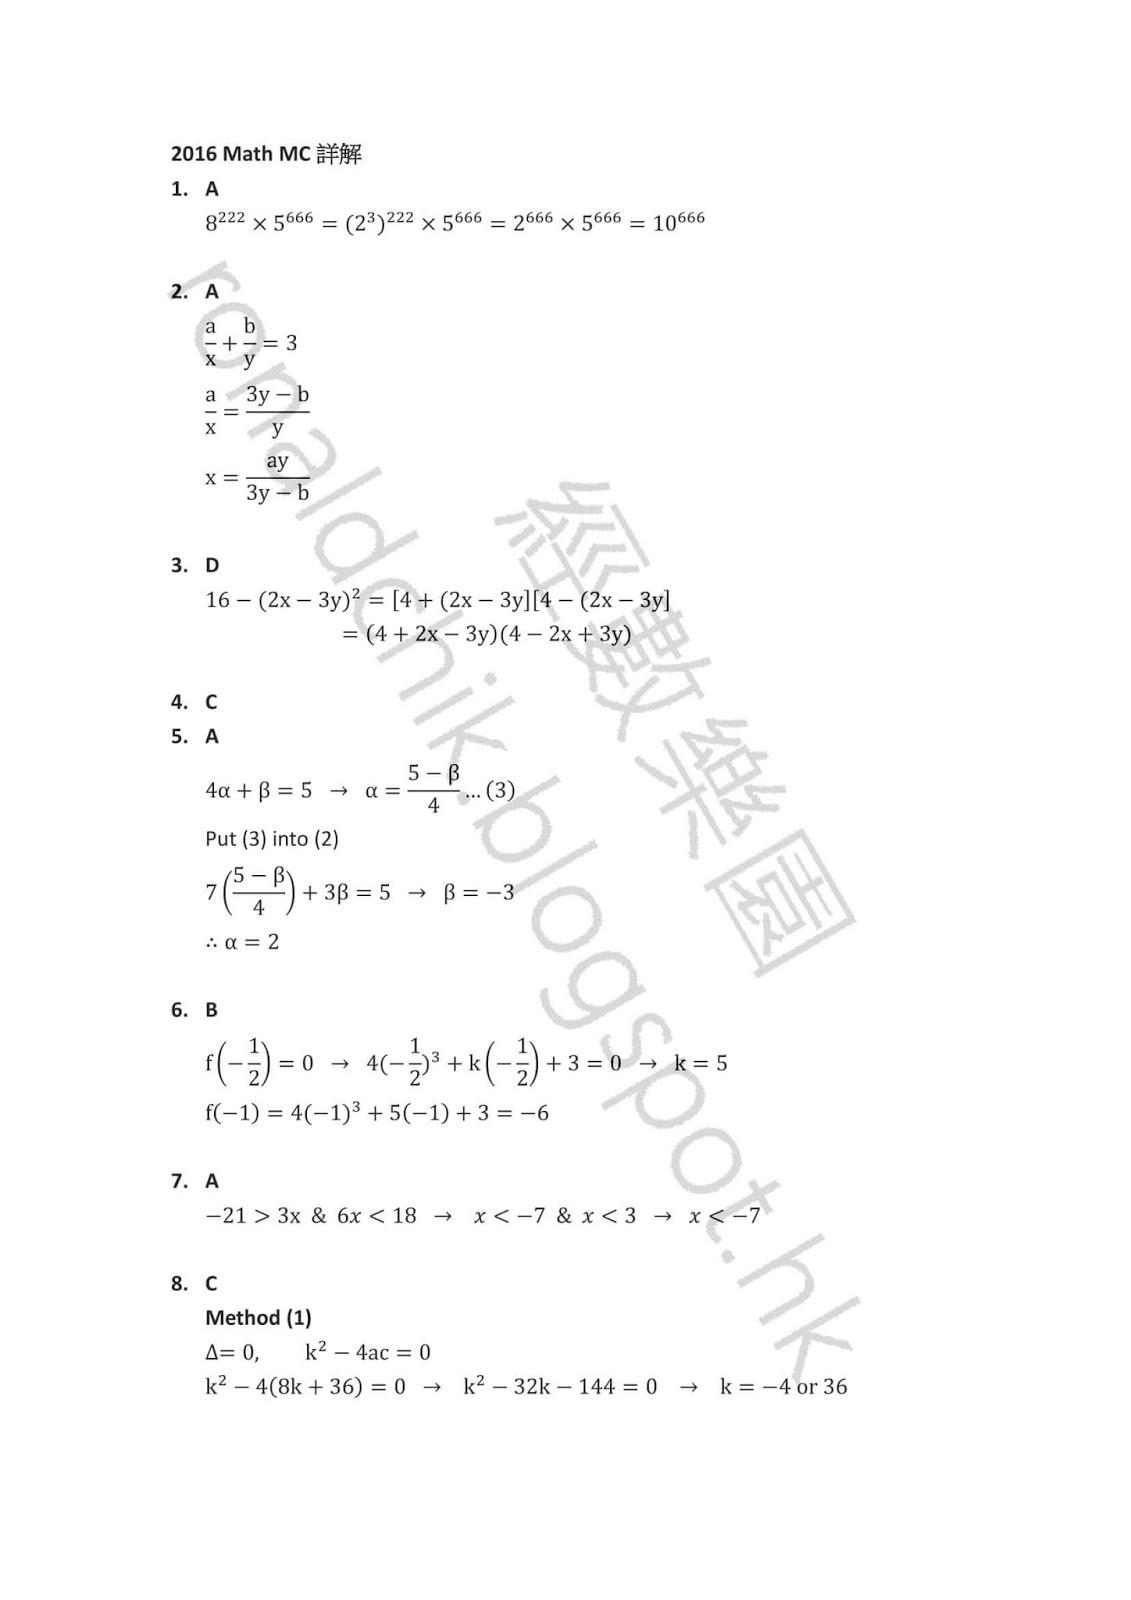 2016 DSE 數學卷二 答案 Q1-8